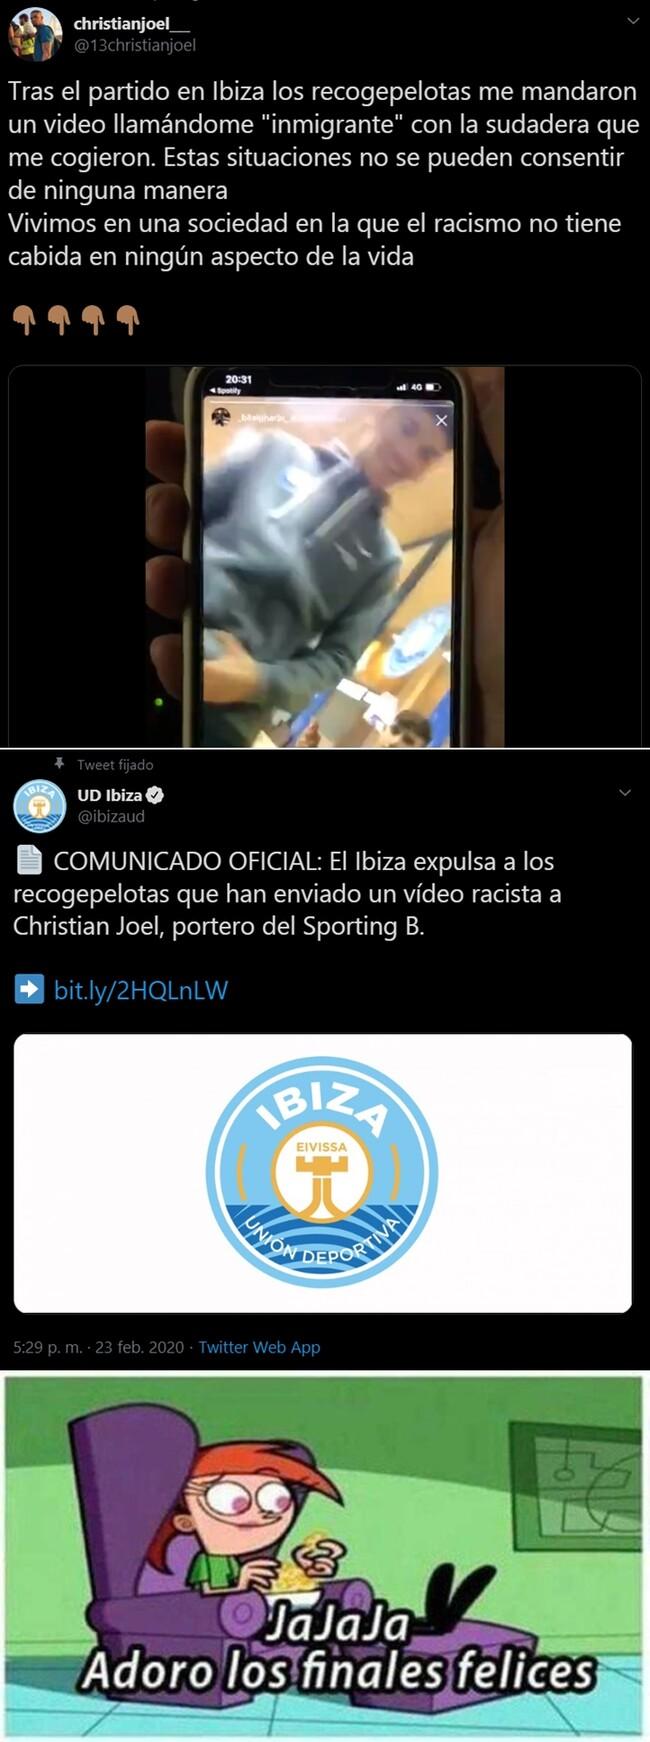 1099128 - Los recogepelotas del Ibiza se pusieron graciosetes con un vídeo racista y terminaron expulsados